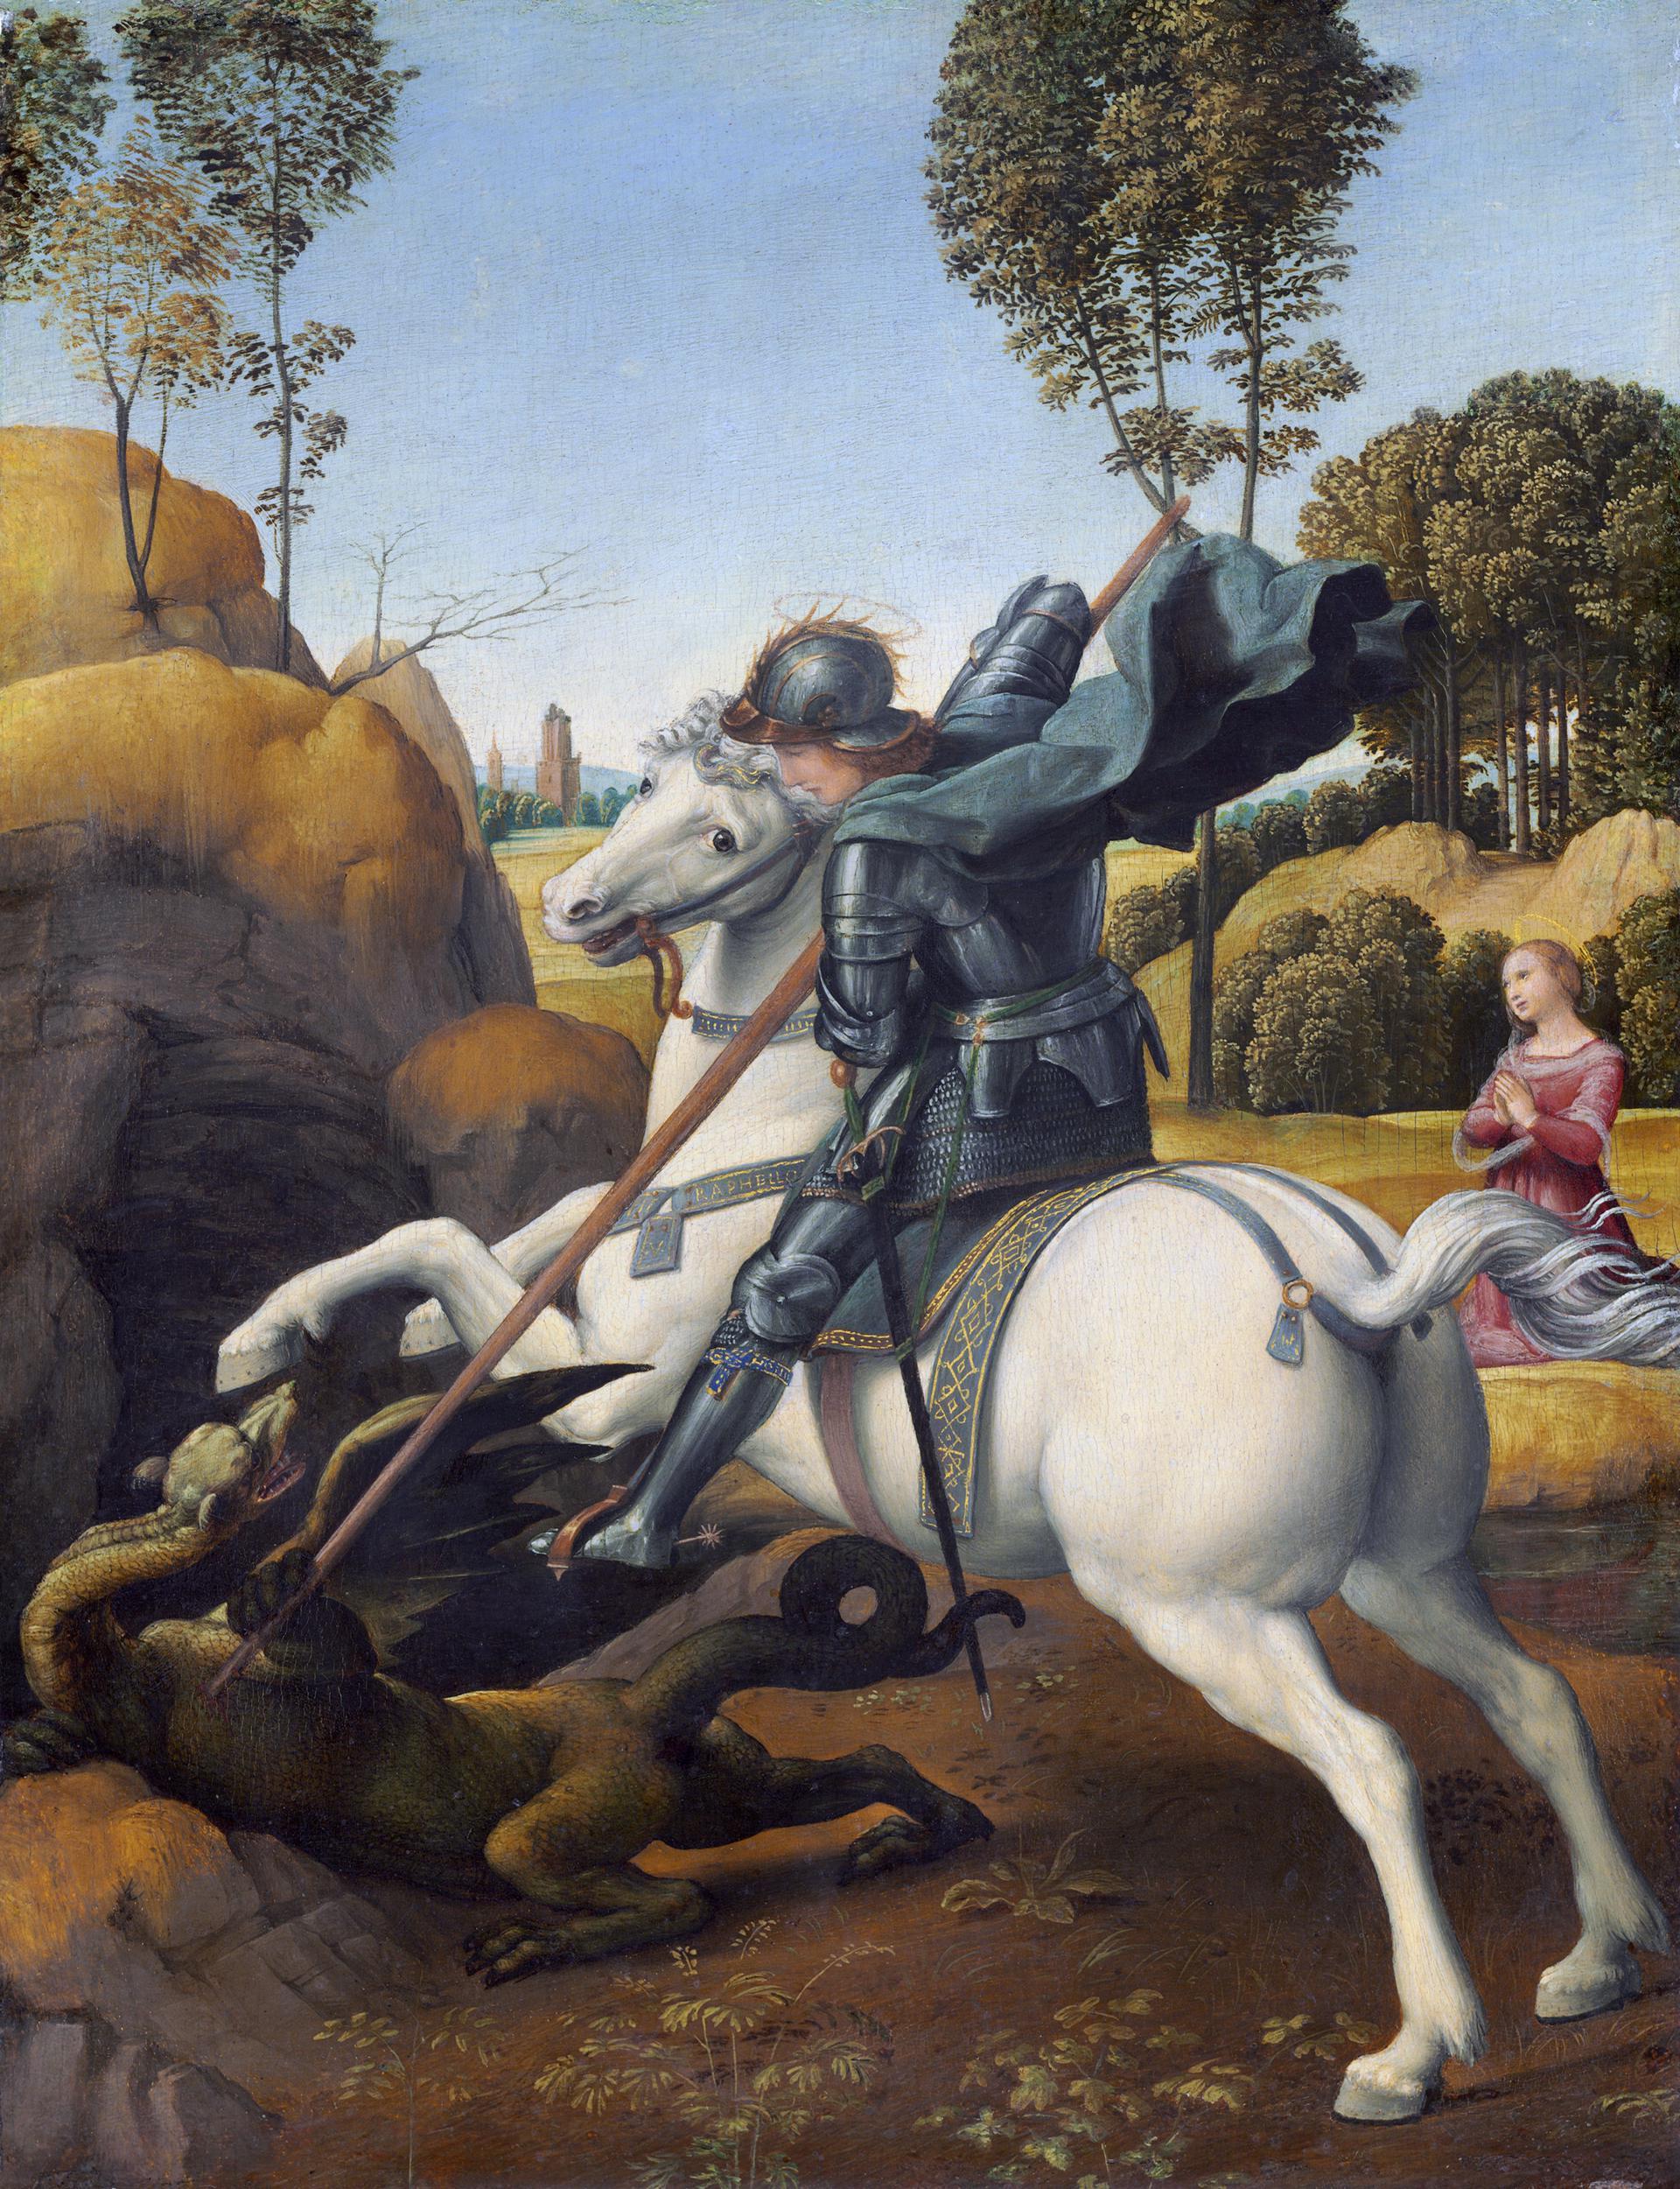 0001_拉斐尔绘画作品集油画专辑TIF-Raffaello-Sanzio-1_2303x3000PX_TIF_282DPI_20_0